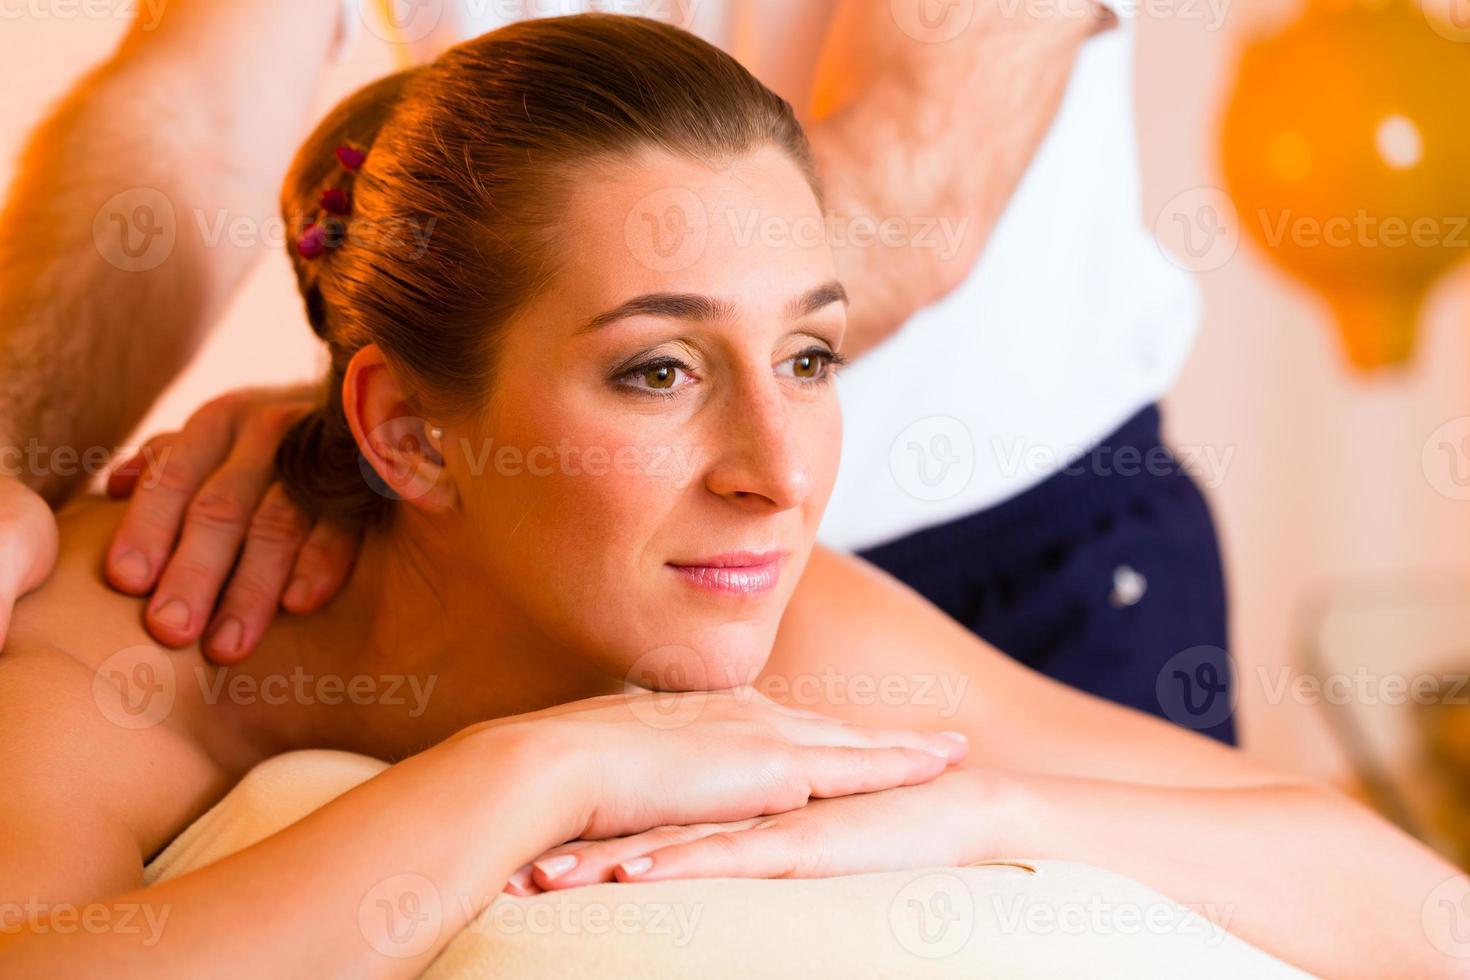 donna che gode del massaggio alla schiena benessere foto